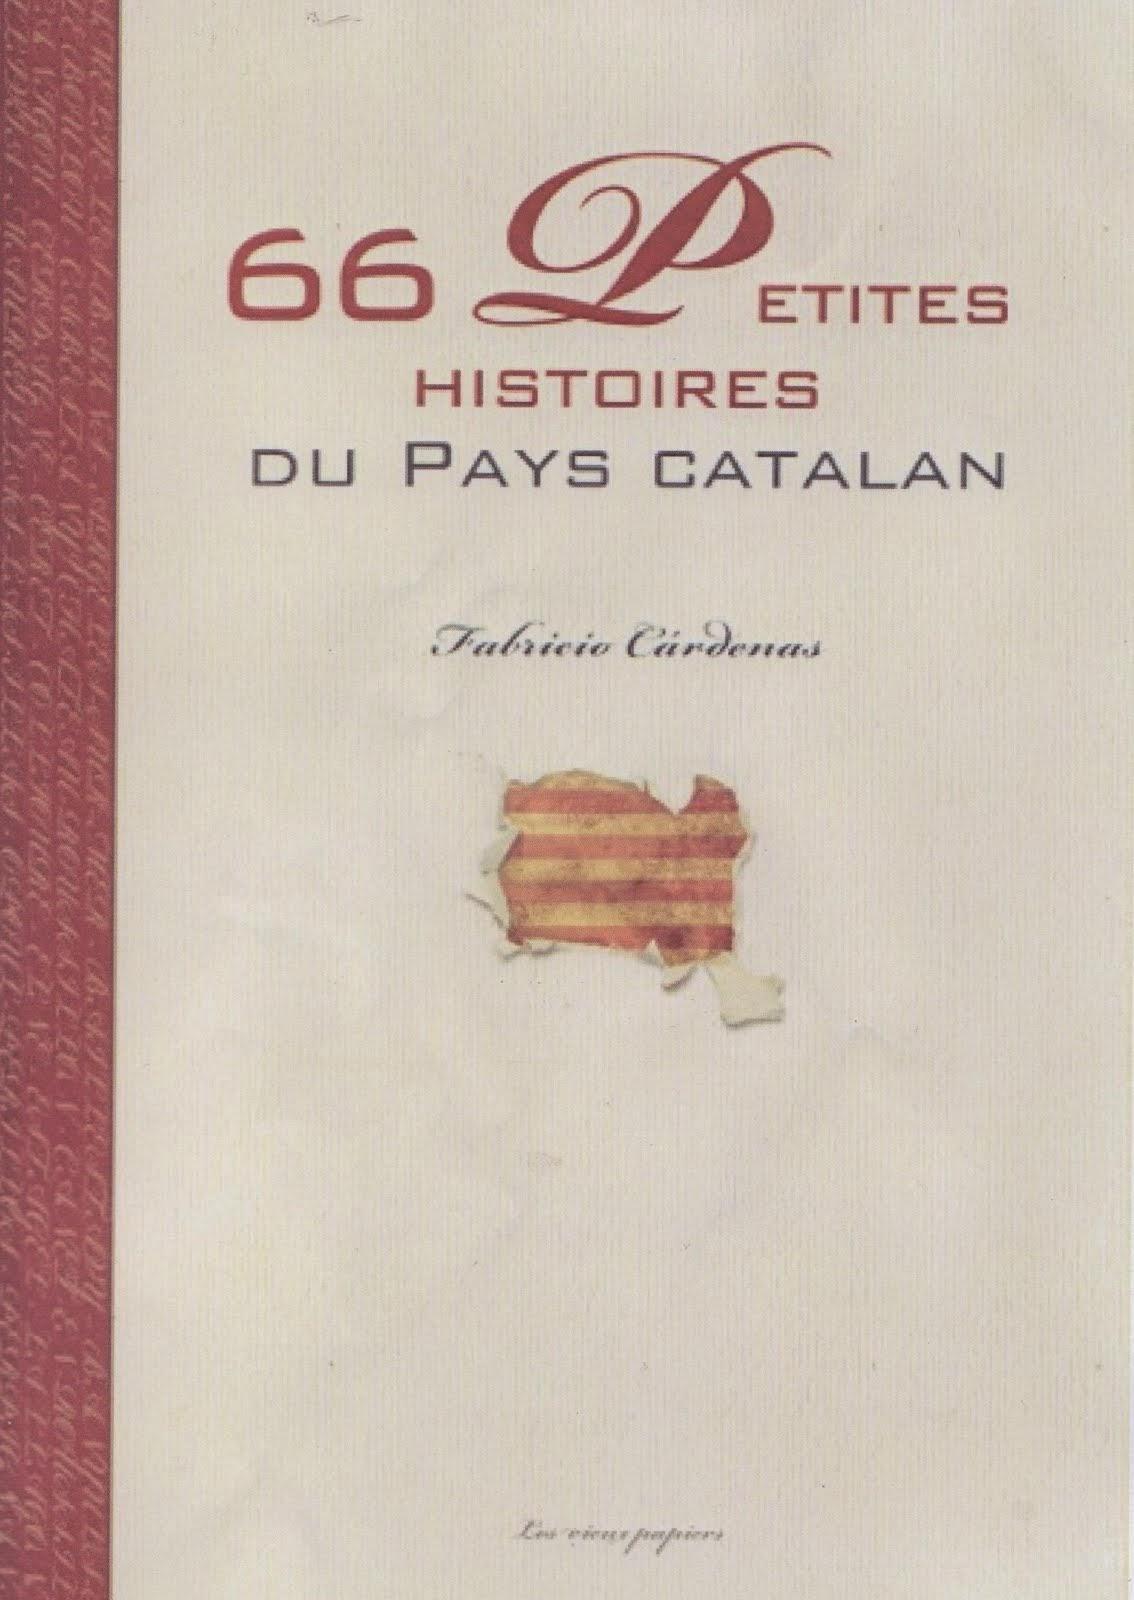 66 petites histoires du pays catalan